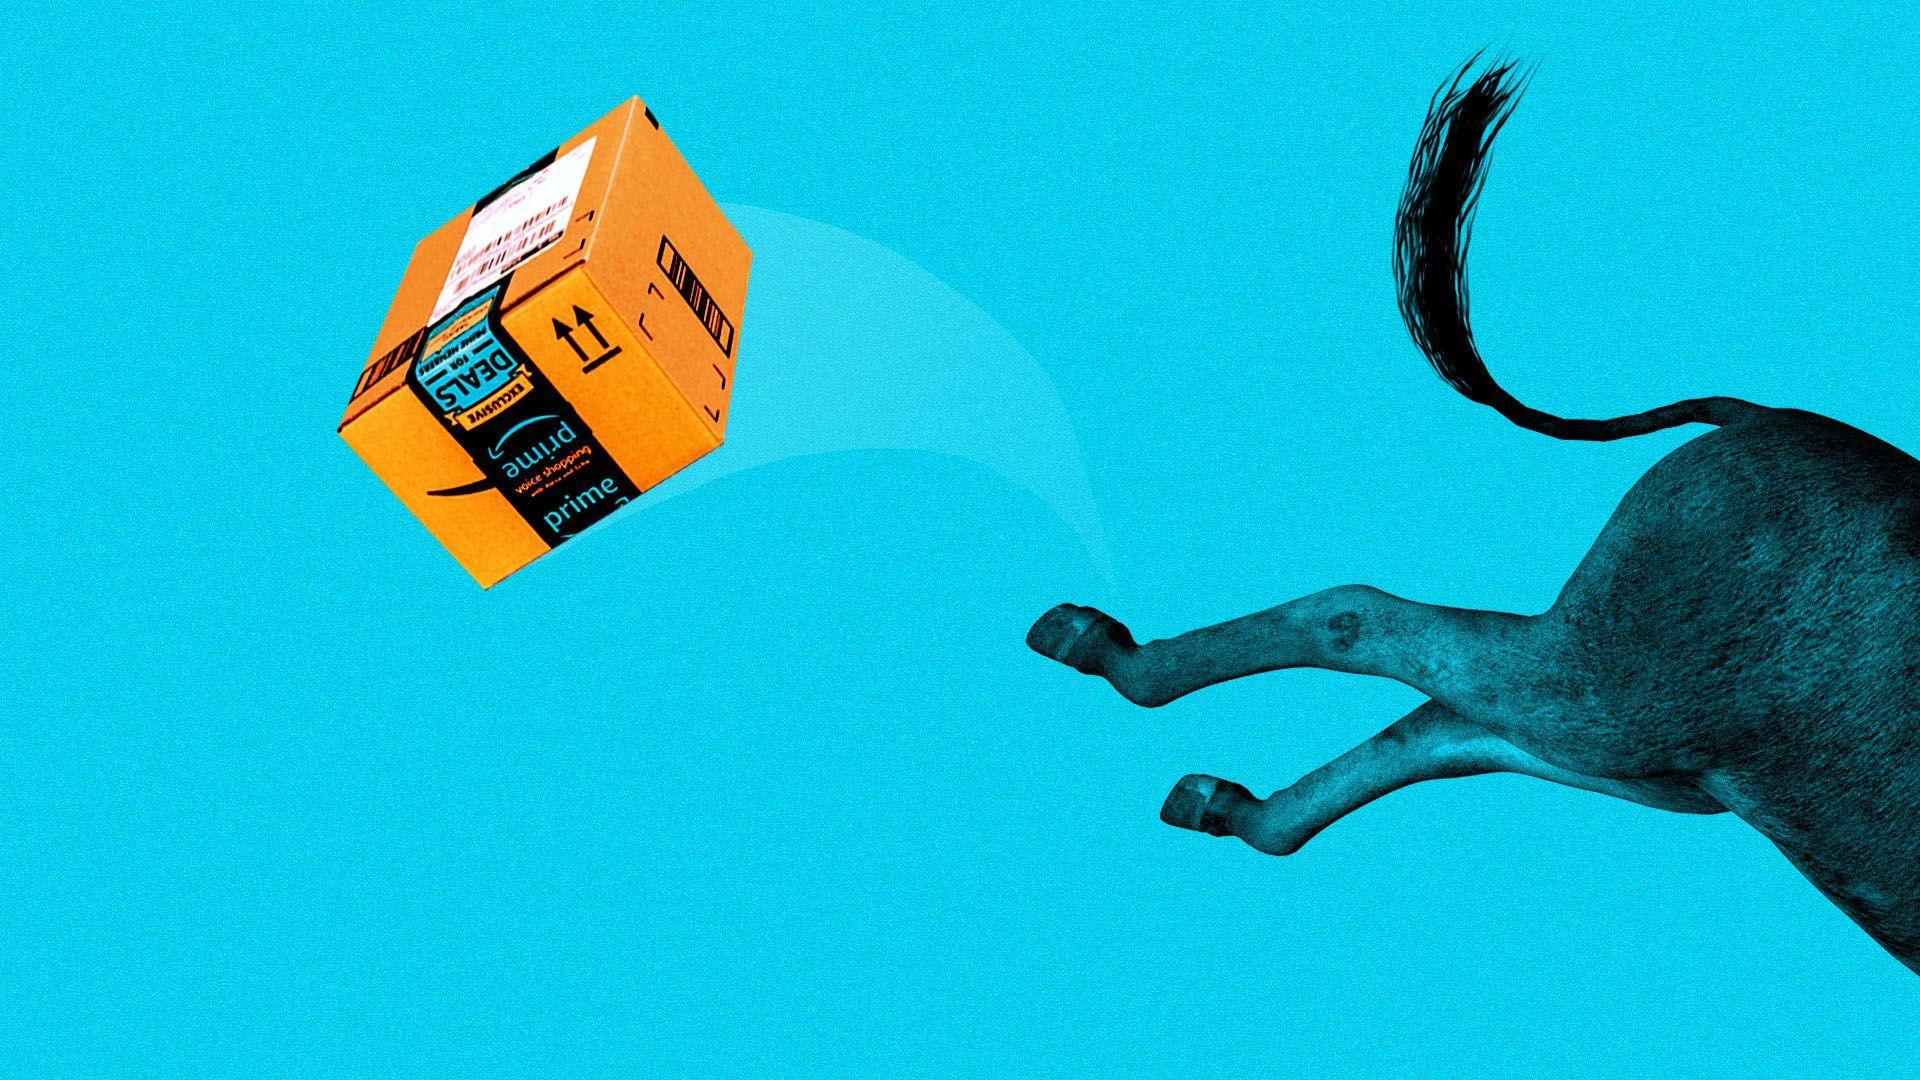 An illustration of a donkey kicking an Amazon box